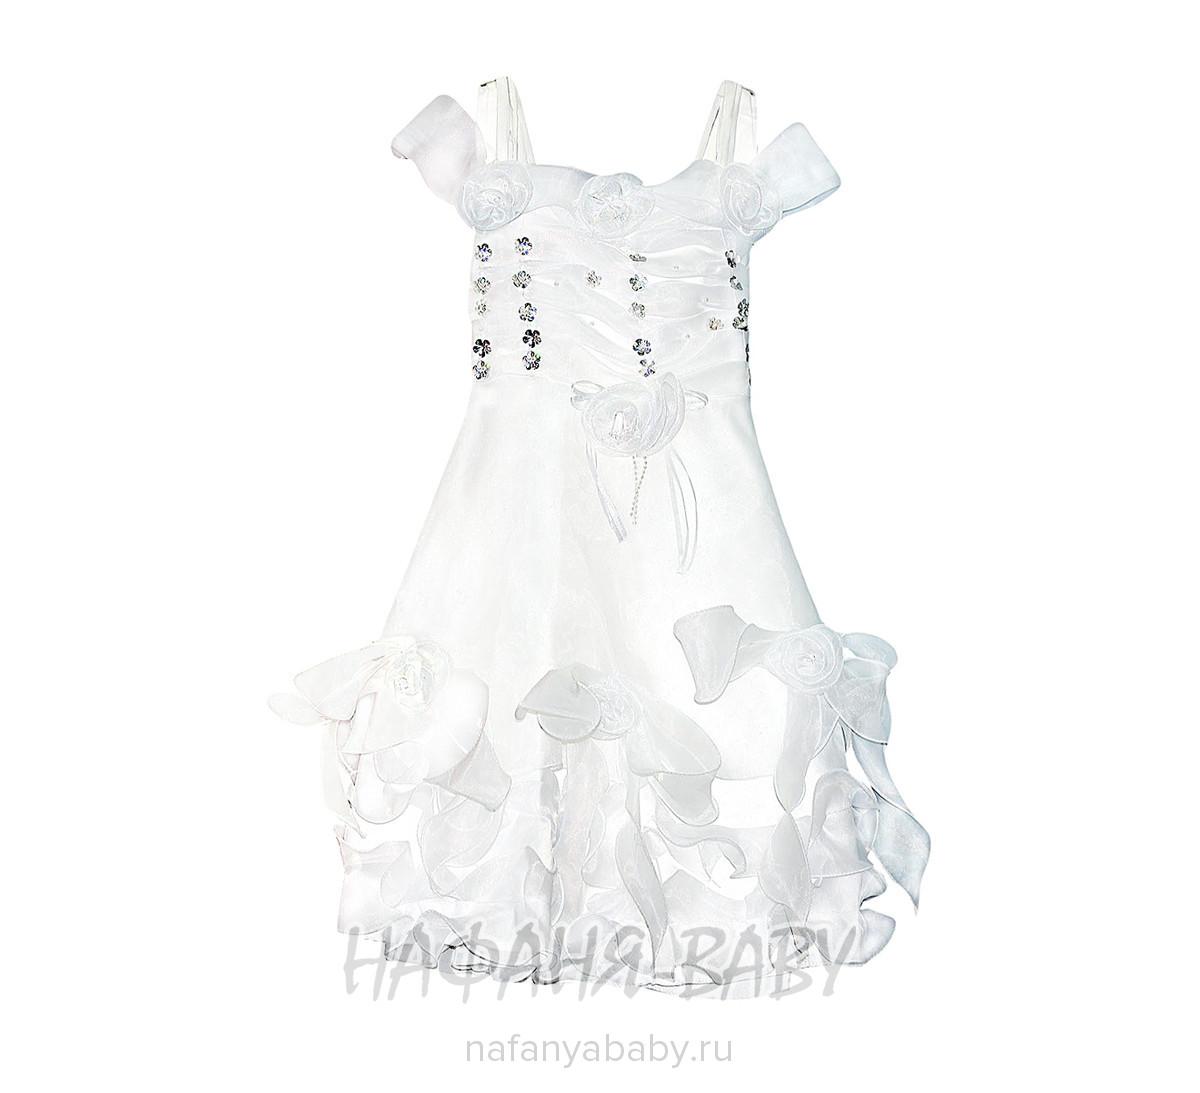 Детское нарядное платье  арт: 1013, 5-9 лет, 1-4 года, цвет белый, оптом Китай (Пекин)